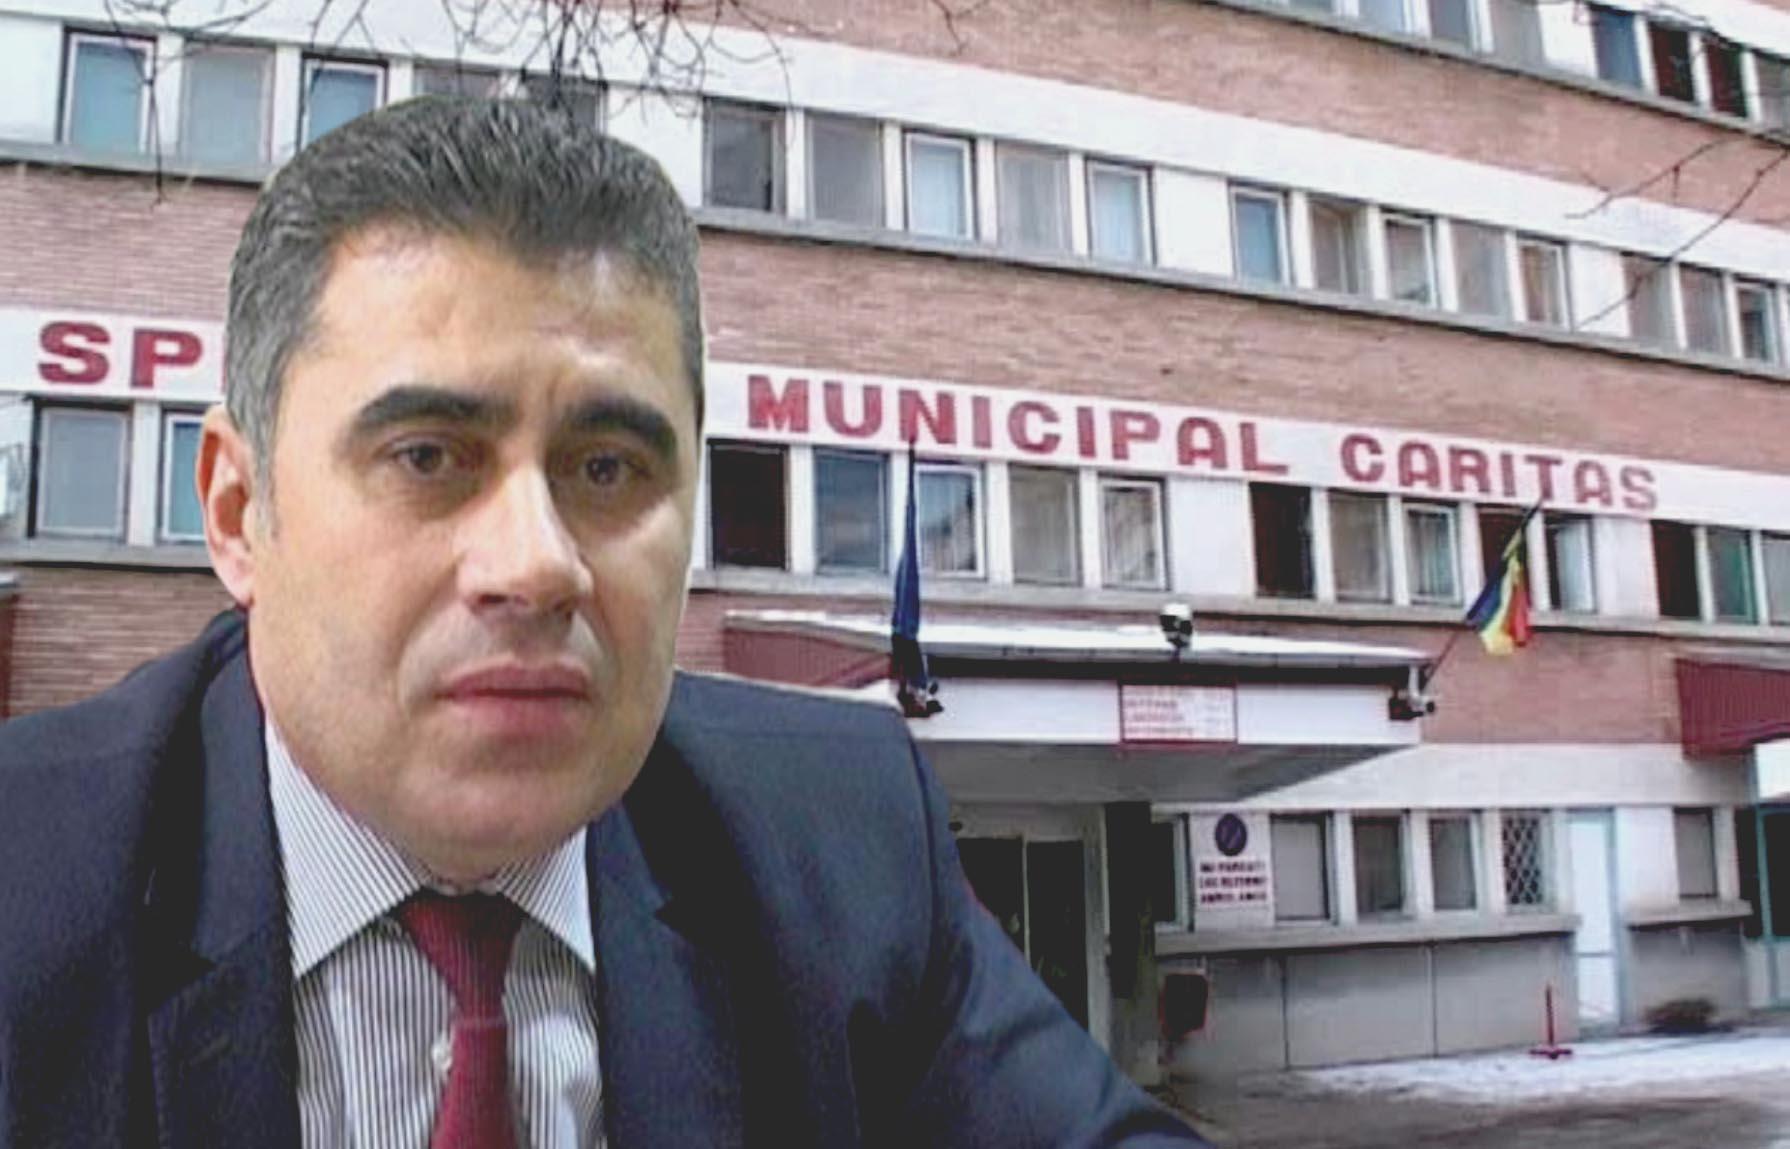 Greva judecătorilor îl scapă pe Alexe Lucian, managerul Spitalului din Roşiori, de o decizie finală, în procesul în care este acuzat de corupţie